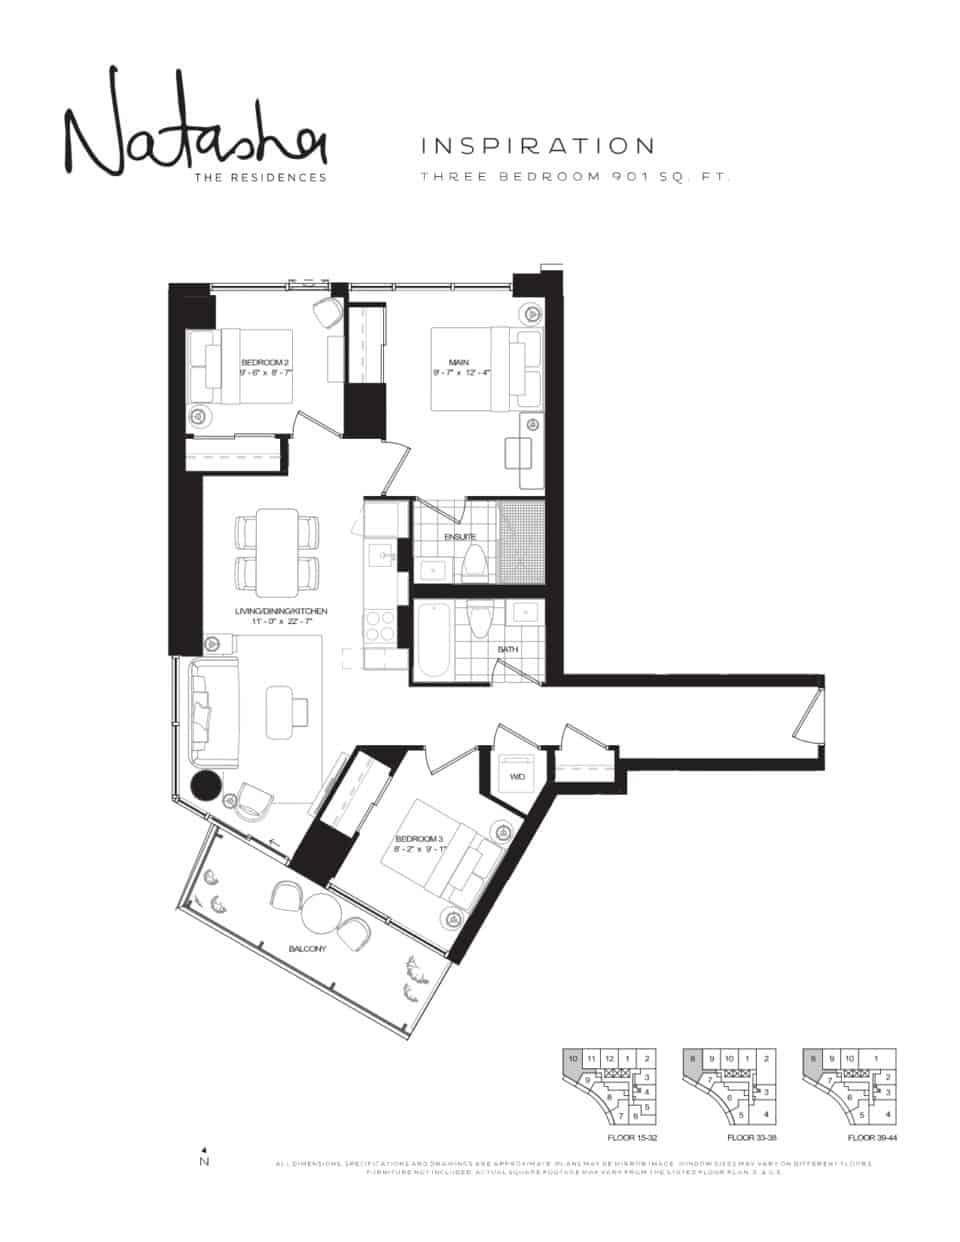 2021 09 02 11 02 22 natashatheresidences lanterradevelopments floorplans inspiration